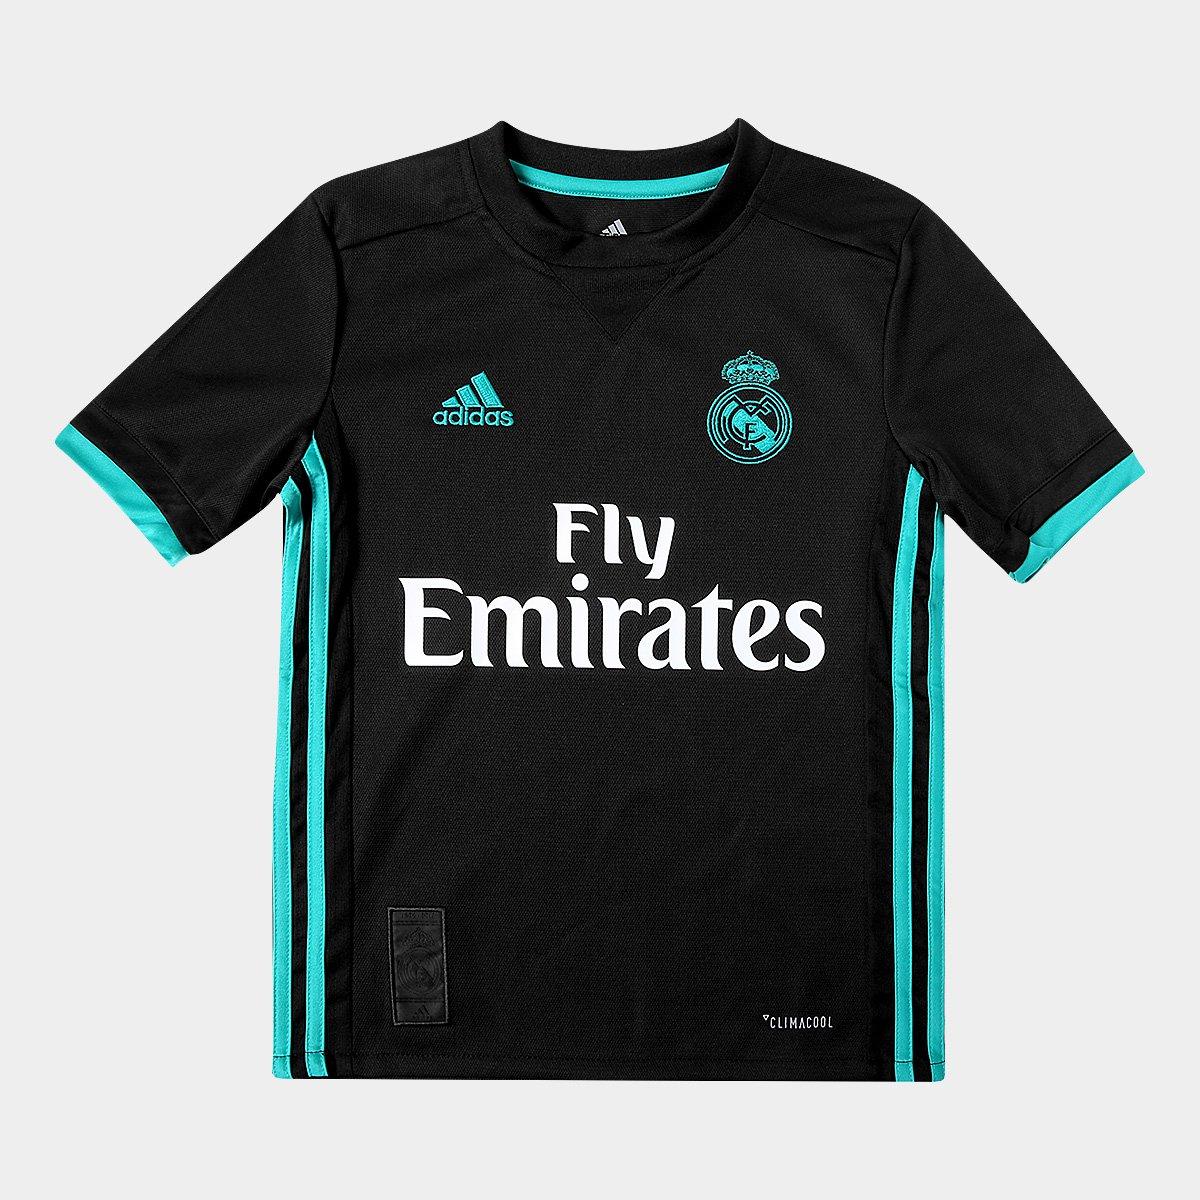 4e119eda0 Camisa Real Madrid Infantil Away 17 18 s nº Torcedor Adidas - Preto -  Compre Agora